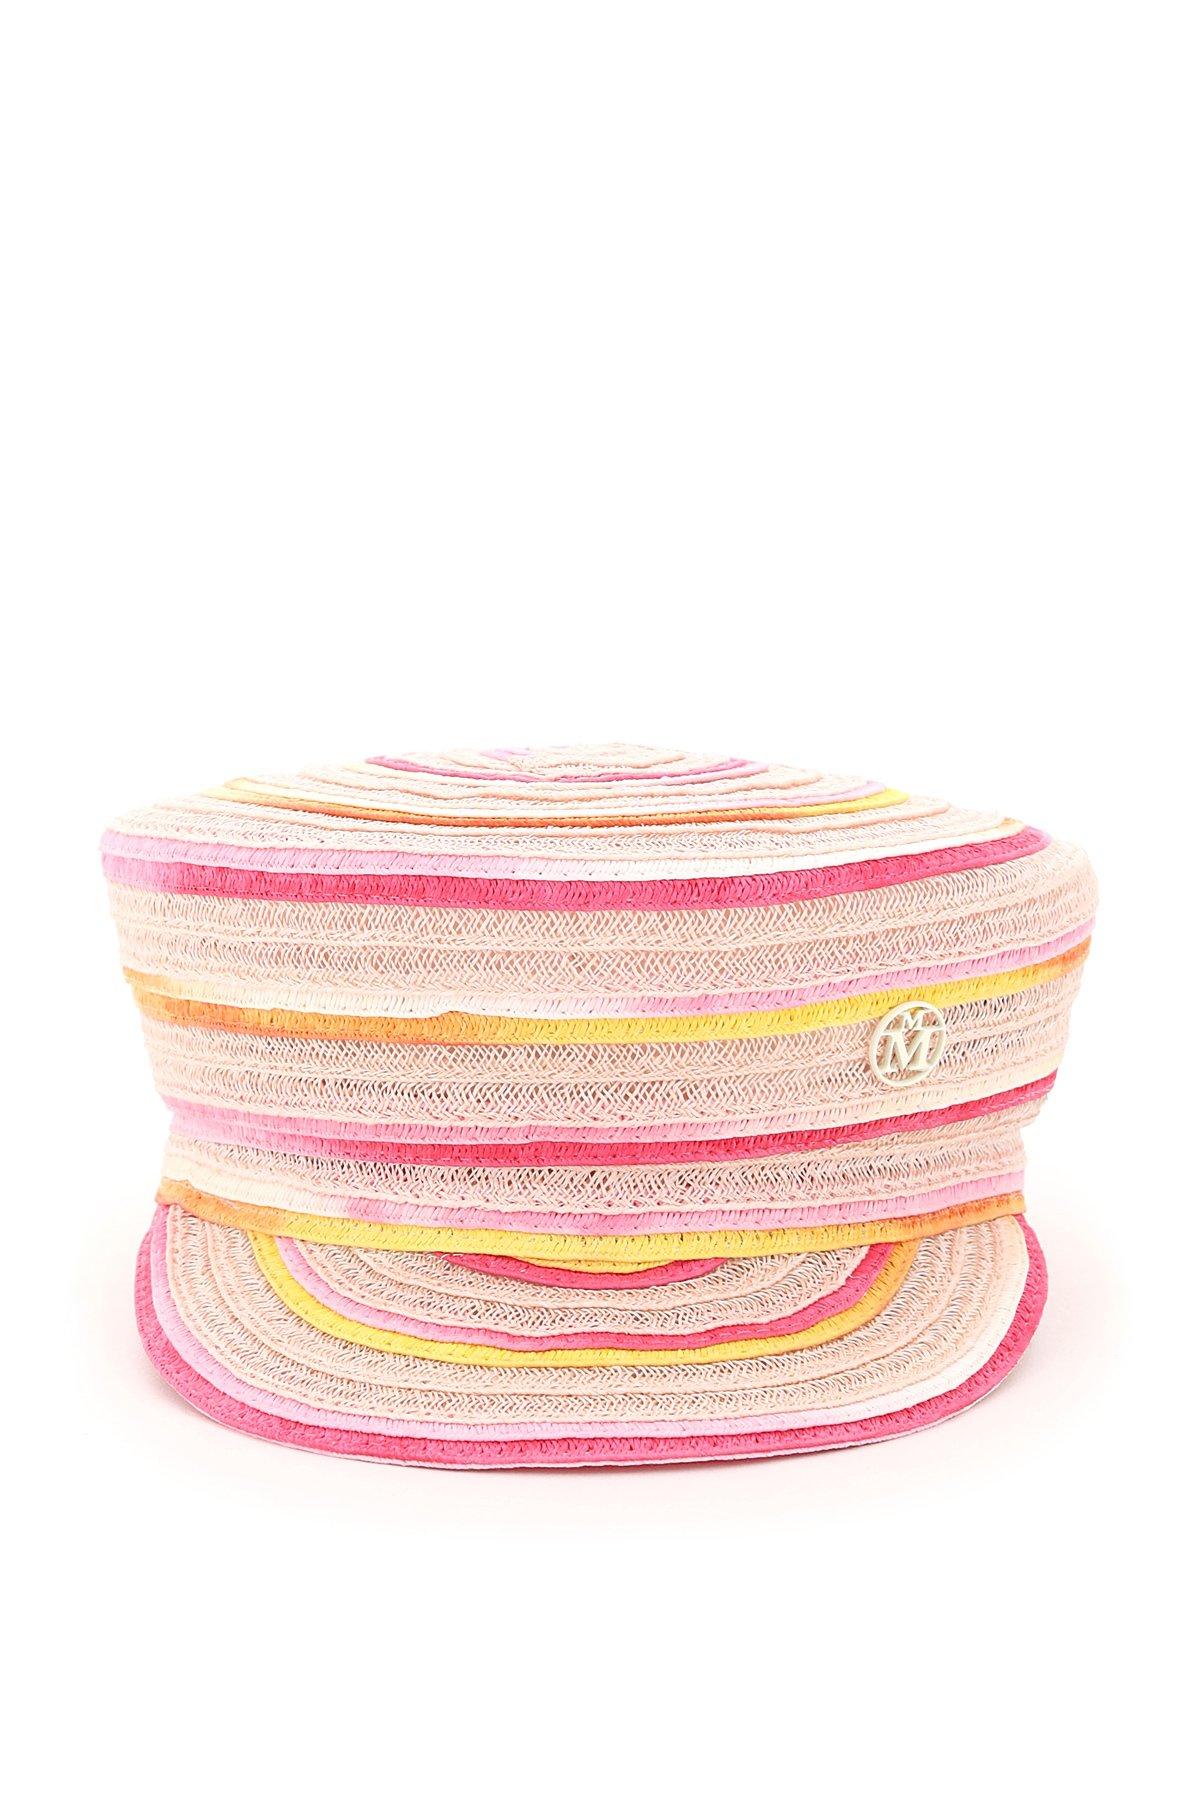 Maison michel basco abby intrecciato tie-dye